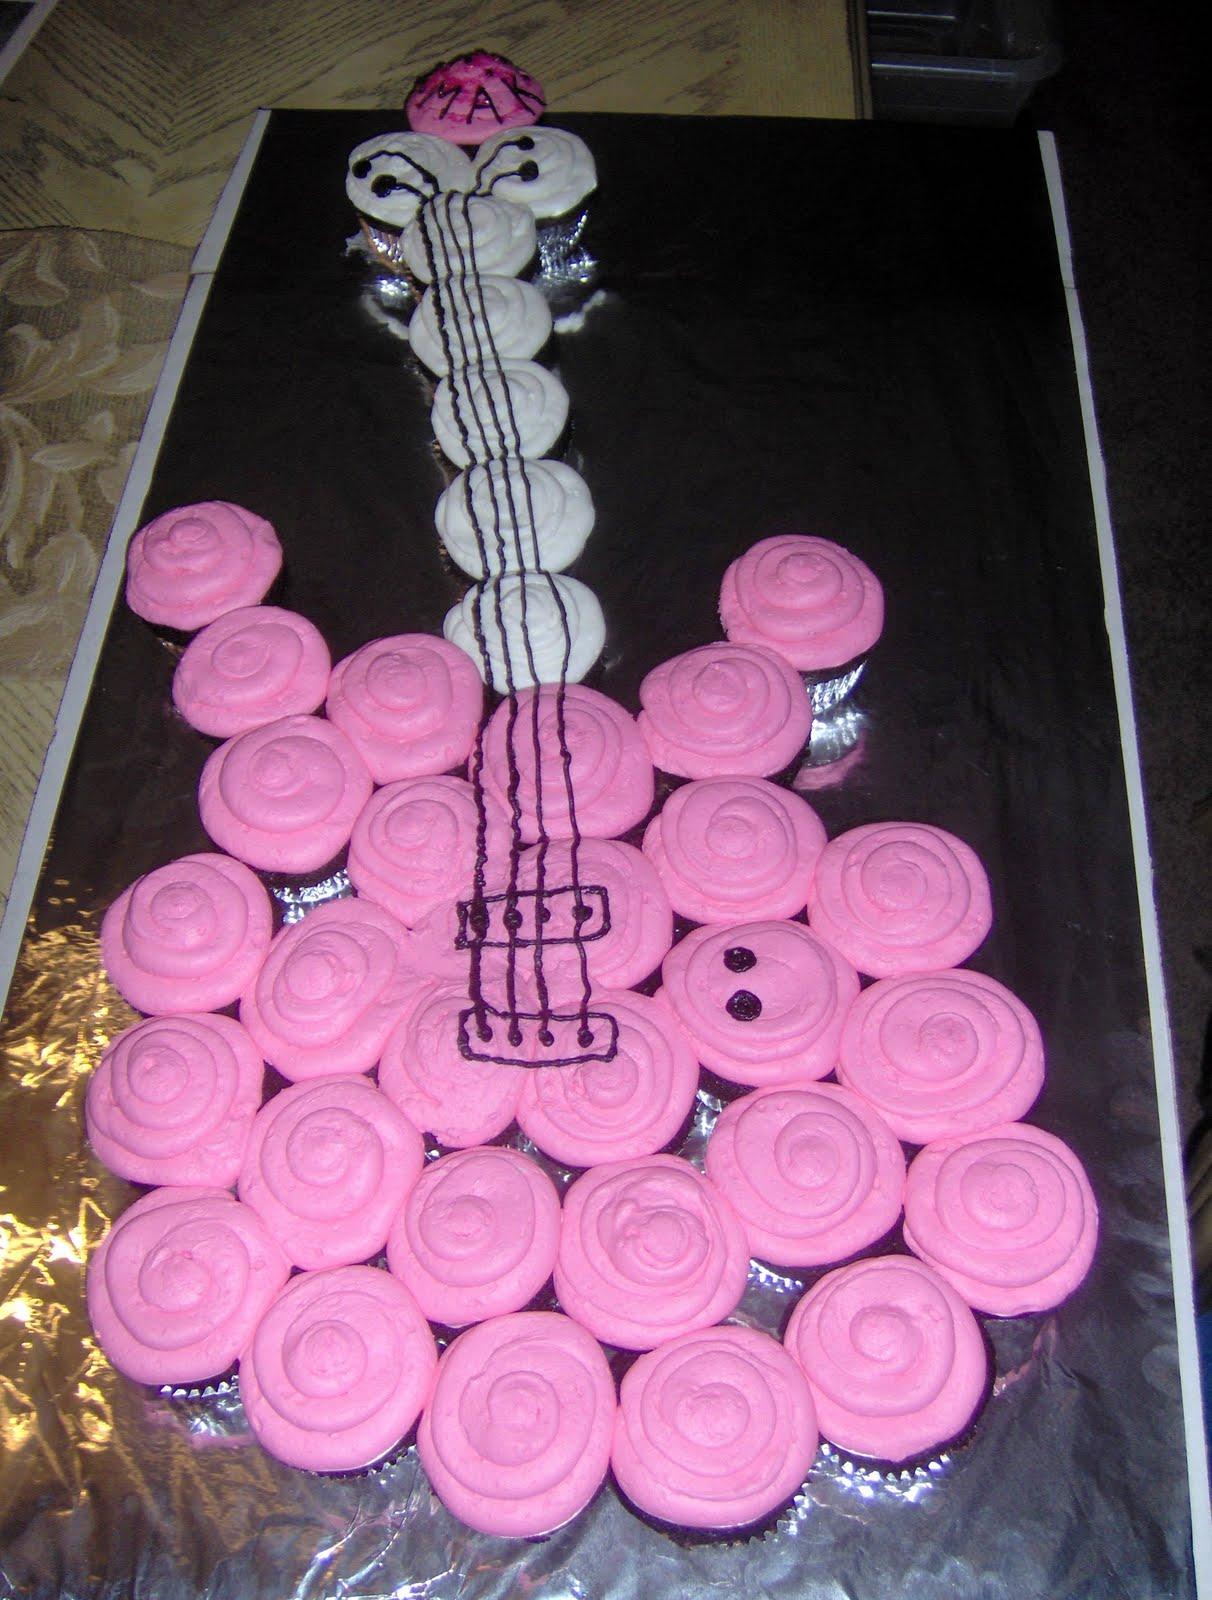 Magical Cupcakes May 2010